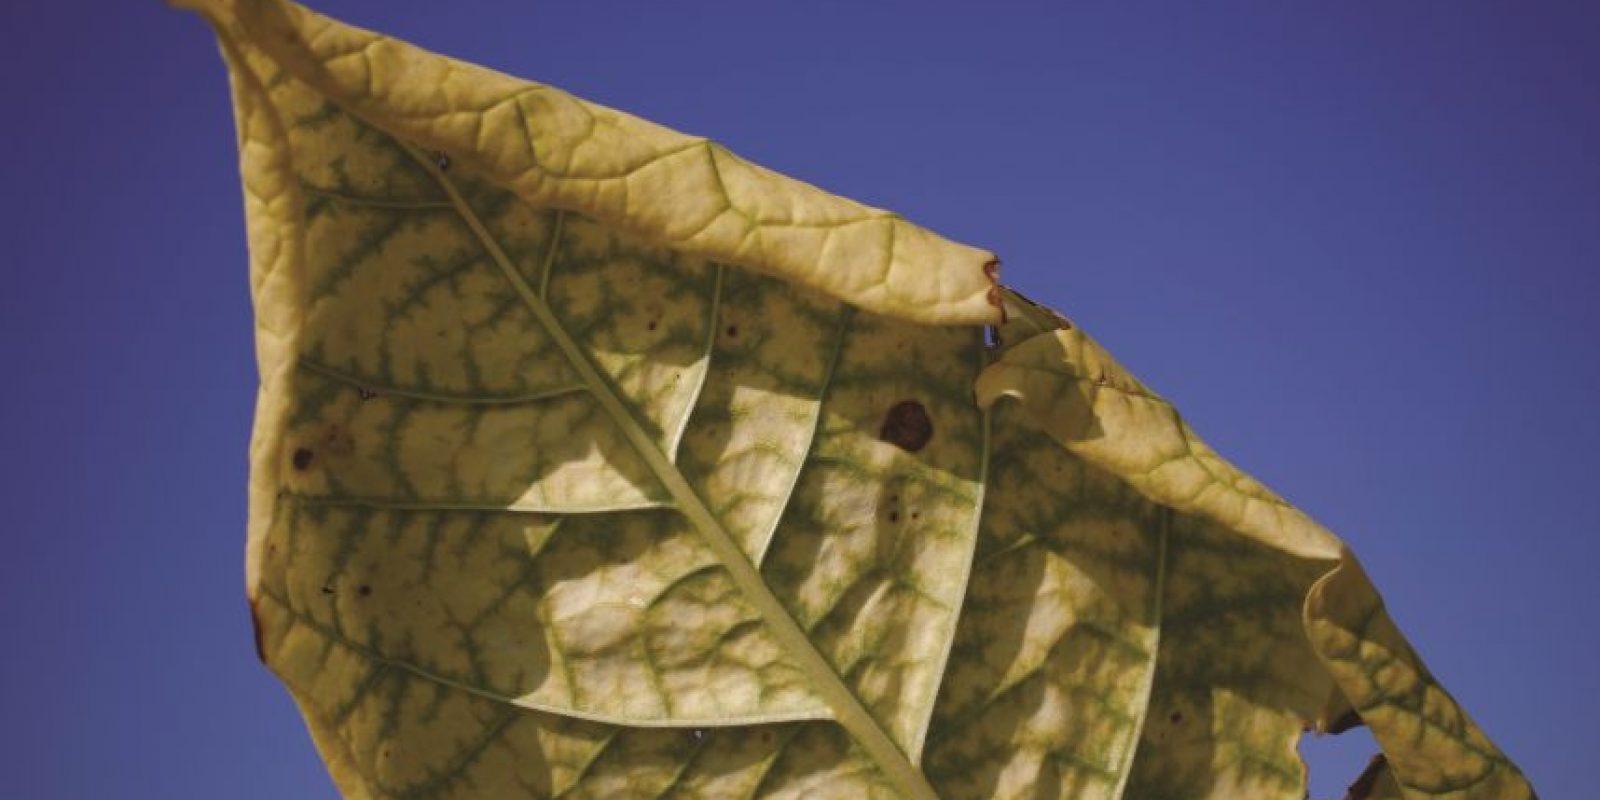 """Tabaco para nuestros coches. En lugar de fumar tabaco, en un futuro próximo podríamos utilizar esa planta para proporcionar energía limpia a nuestros vehículos. El Instituto Noruego para la Investigación Agrícola y el Medio Ambiente tiene como objetivo desarrollar la producción de bajo costo de las enzimas industriales que utilizan las plantas de tabaco como una """"fábrica verde"""". Las plantas son modificadas genéticamente para producir enzimas que pueden descomponer la biomasa a partir de materias primas forestales."""